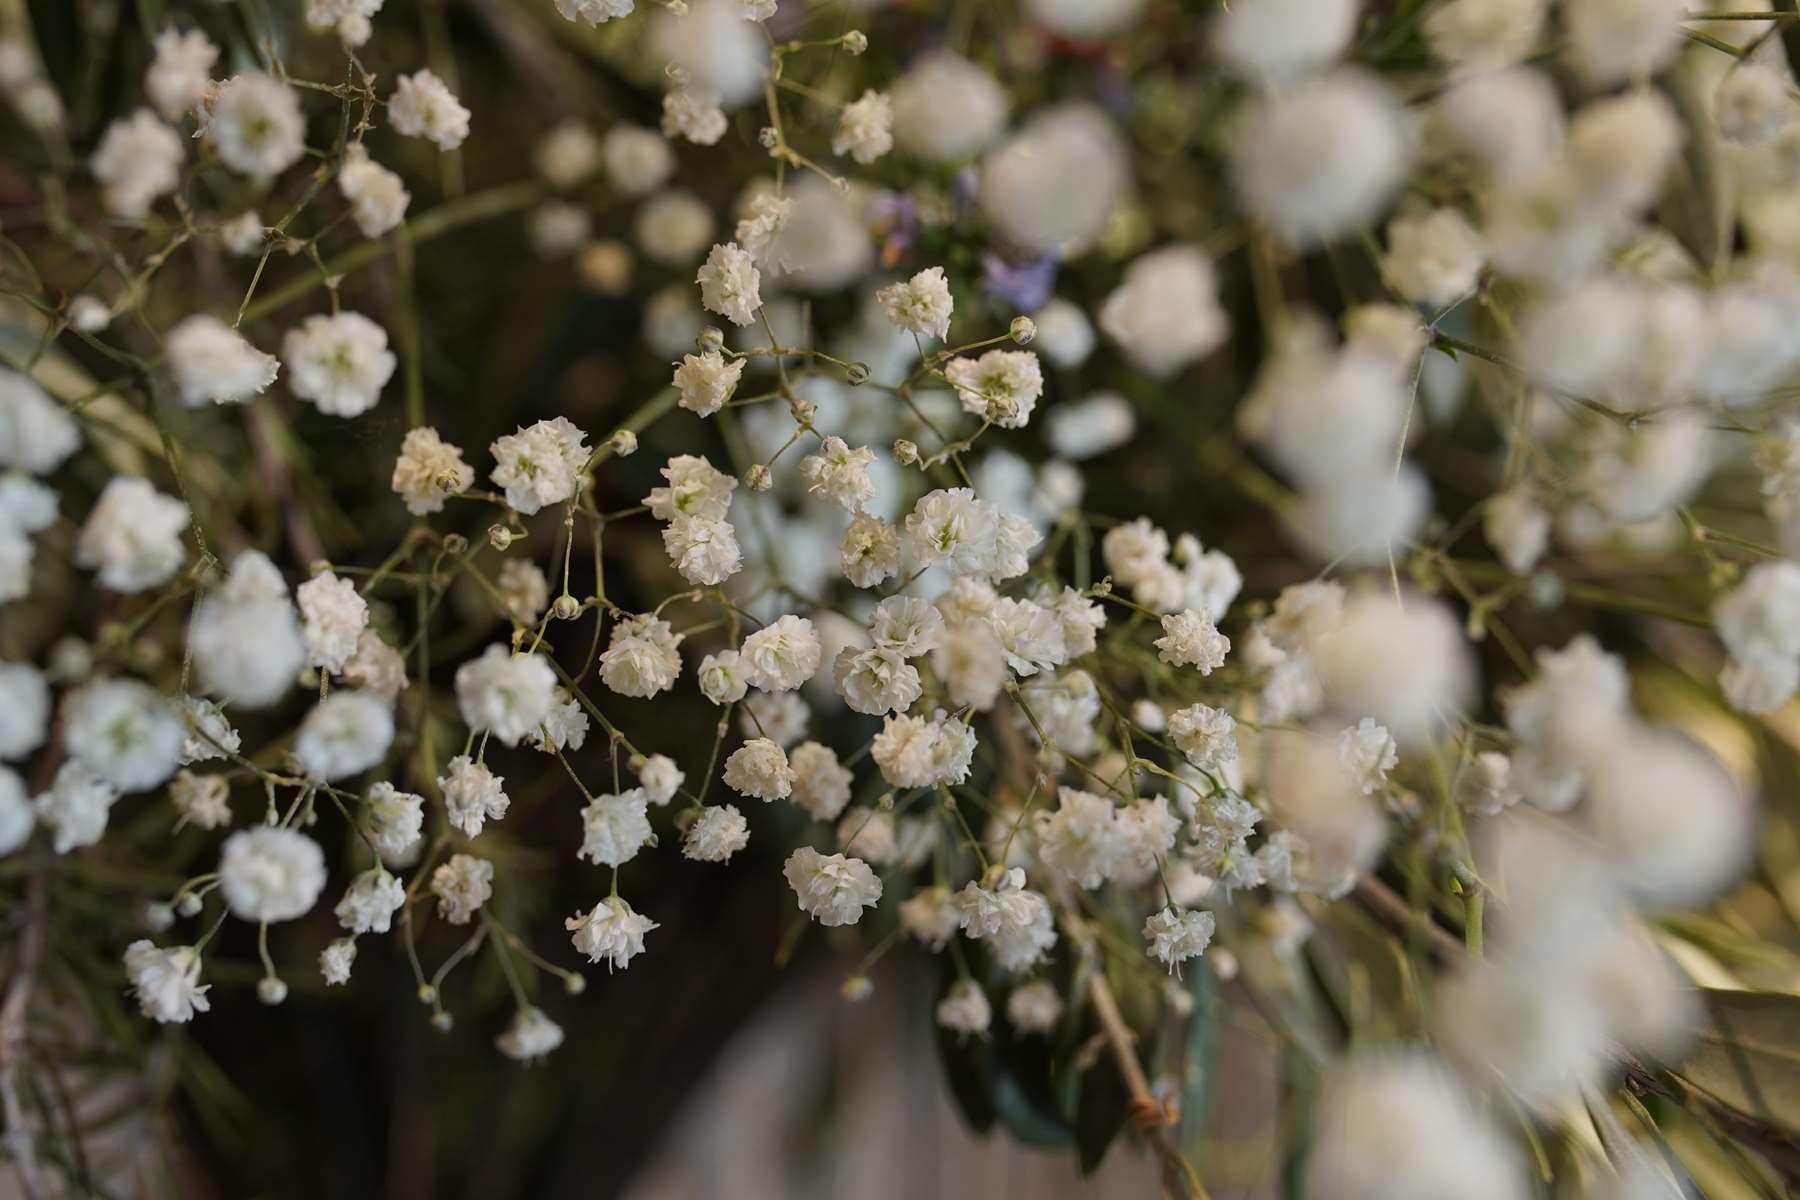 symphonie-florale-fleuriste-juvignac-montpellier-vitrine-printemps-2019 (6)